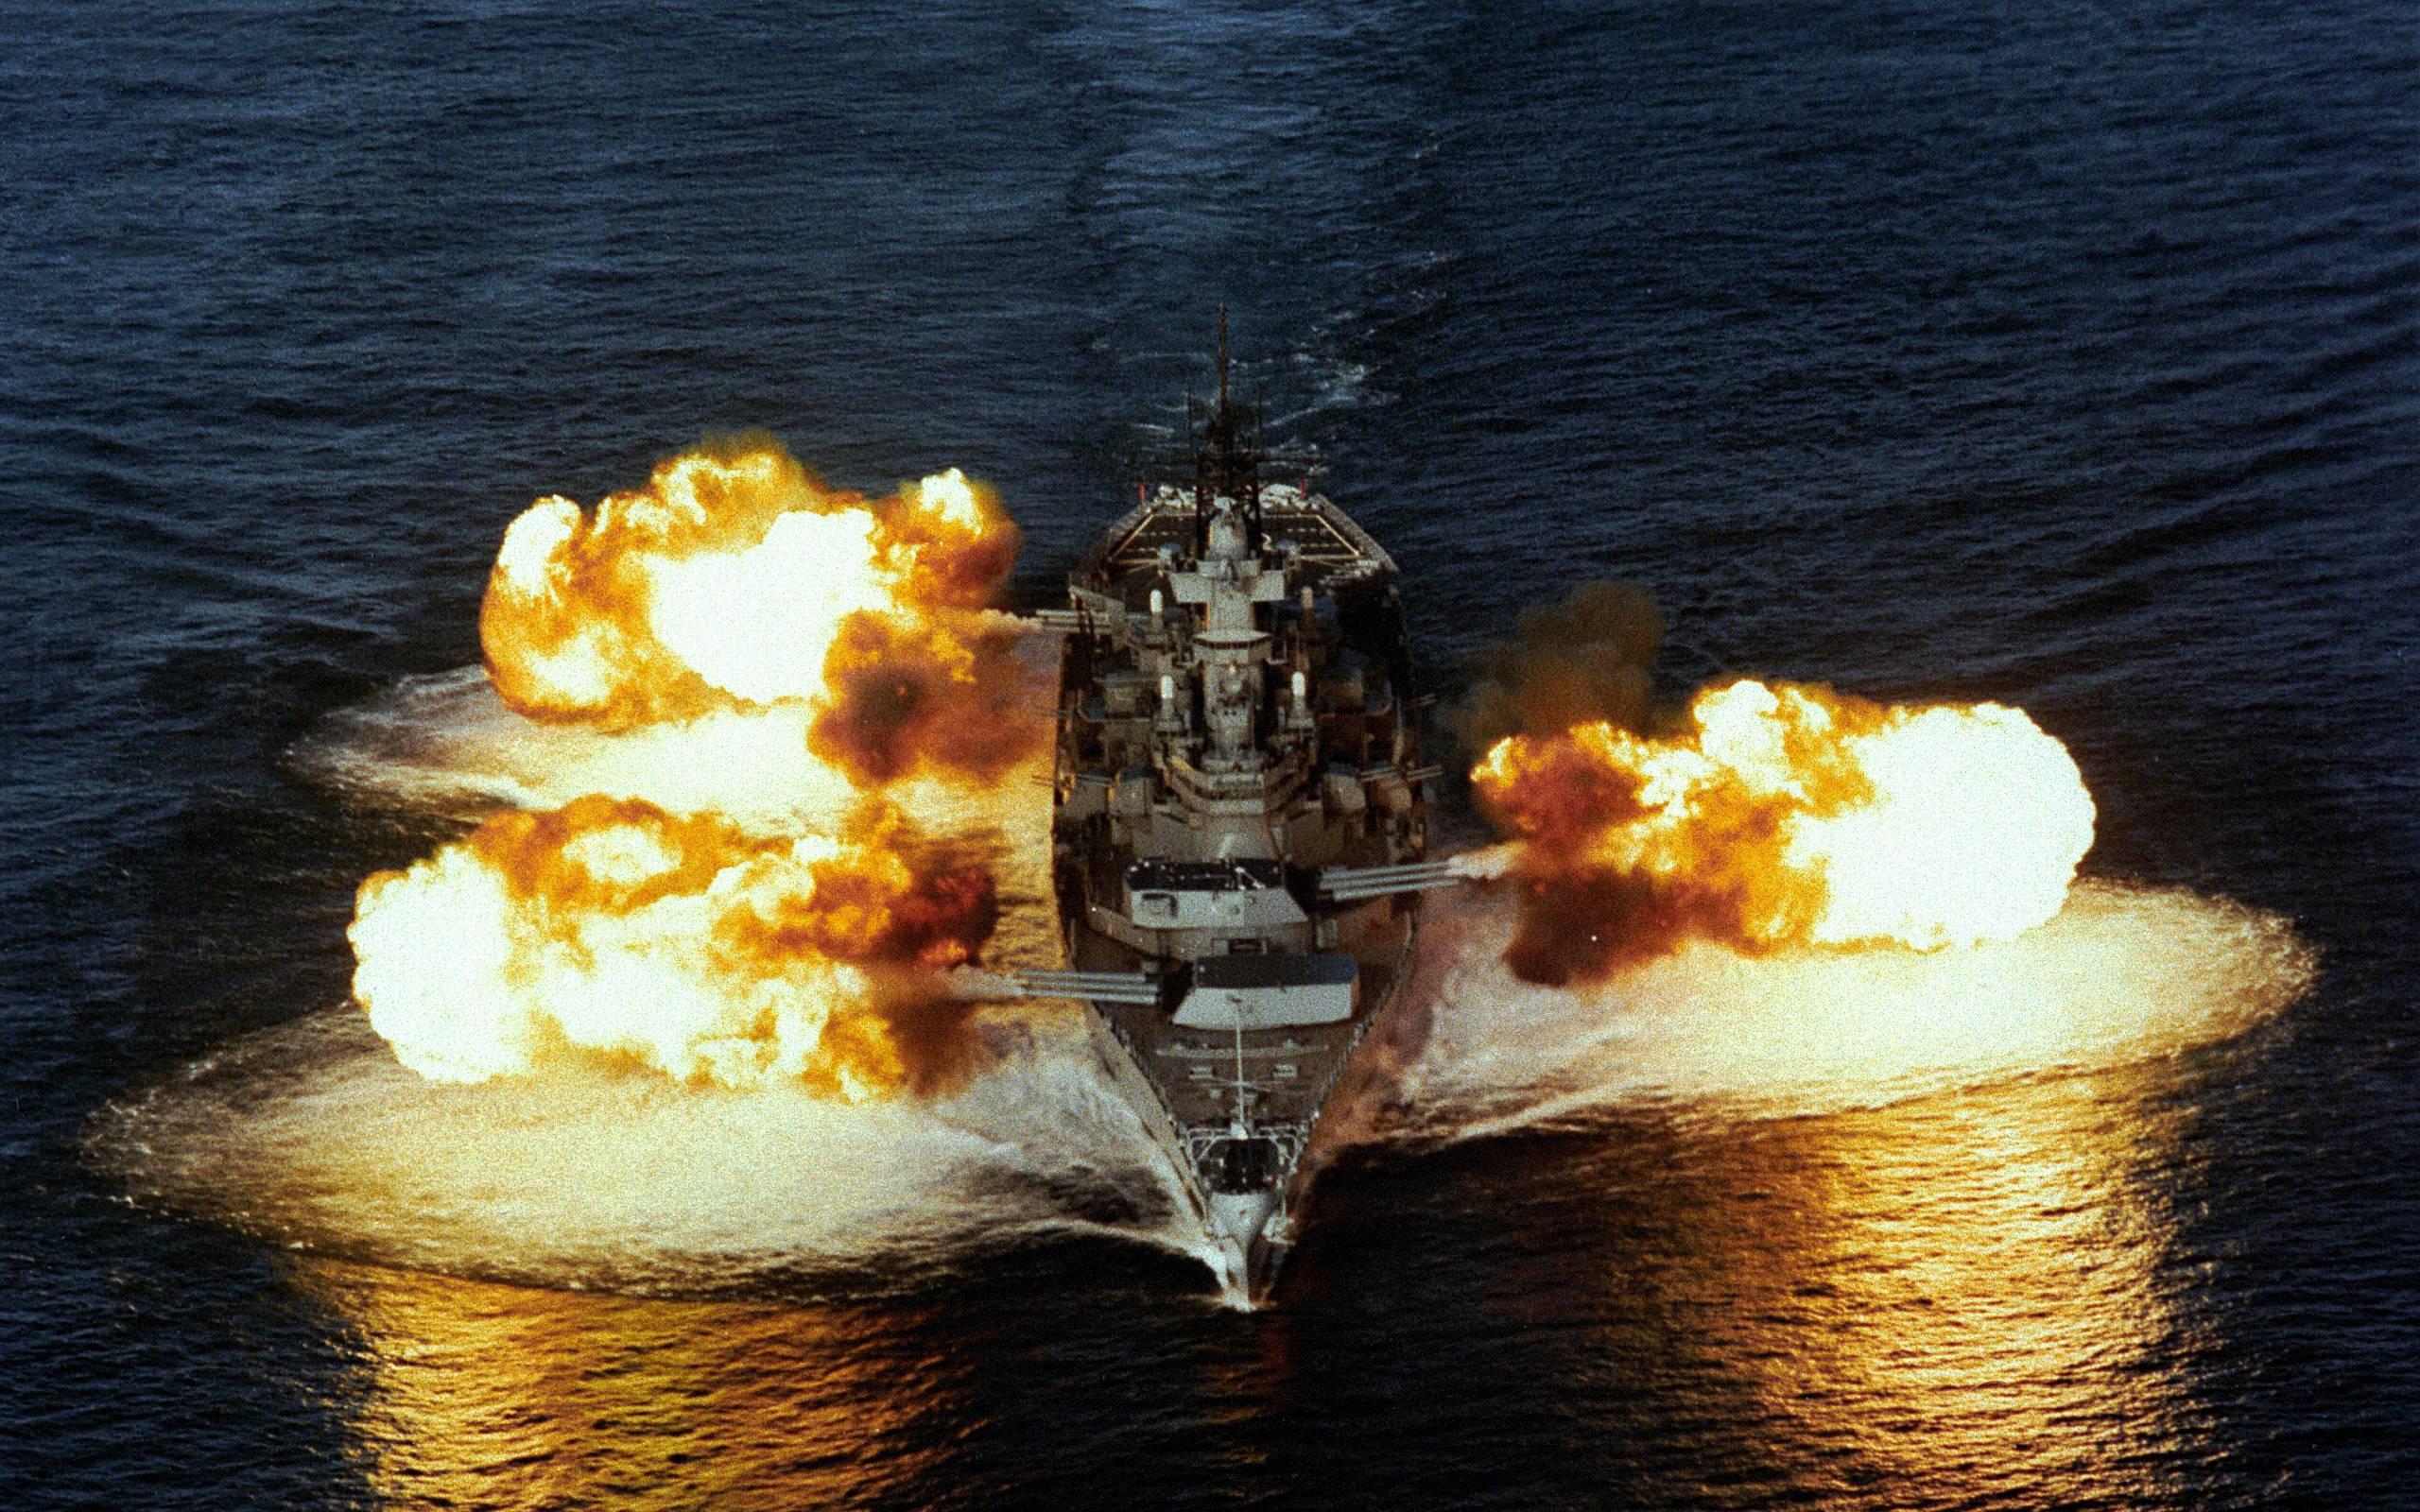 battleship firing source http freecodesource com wallpapers wallpaper 2560x1600